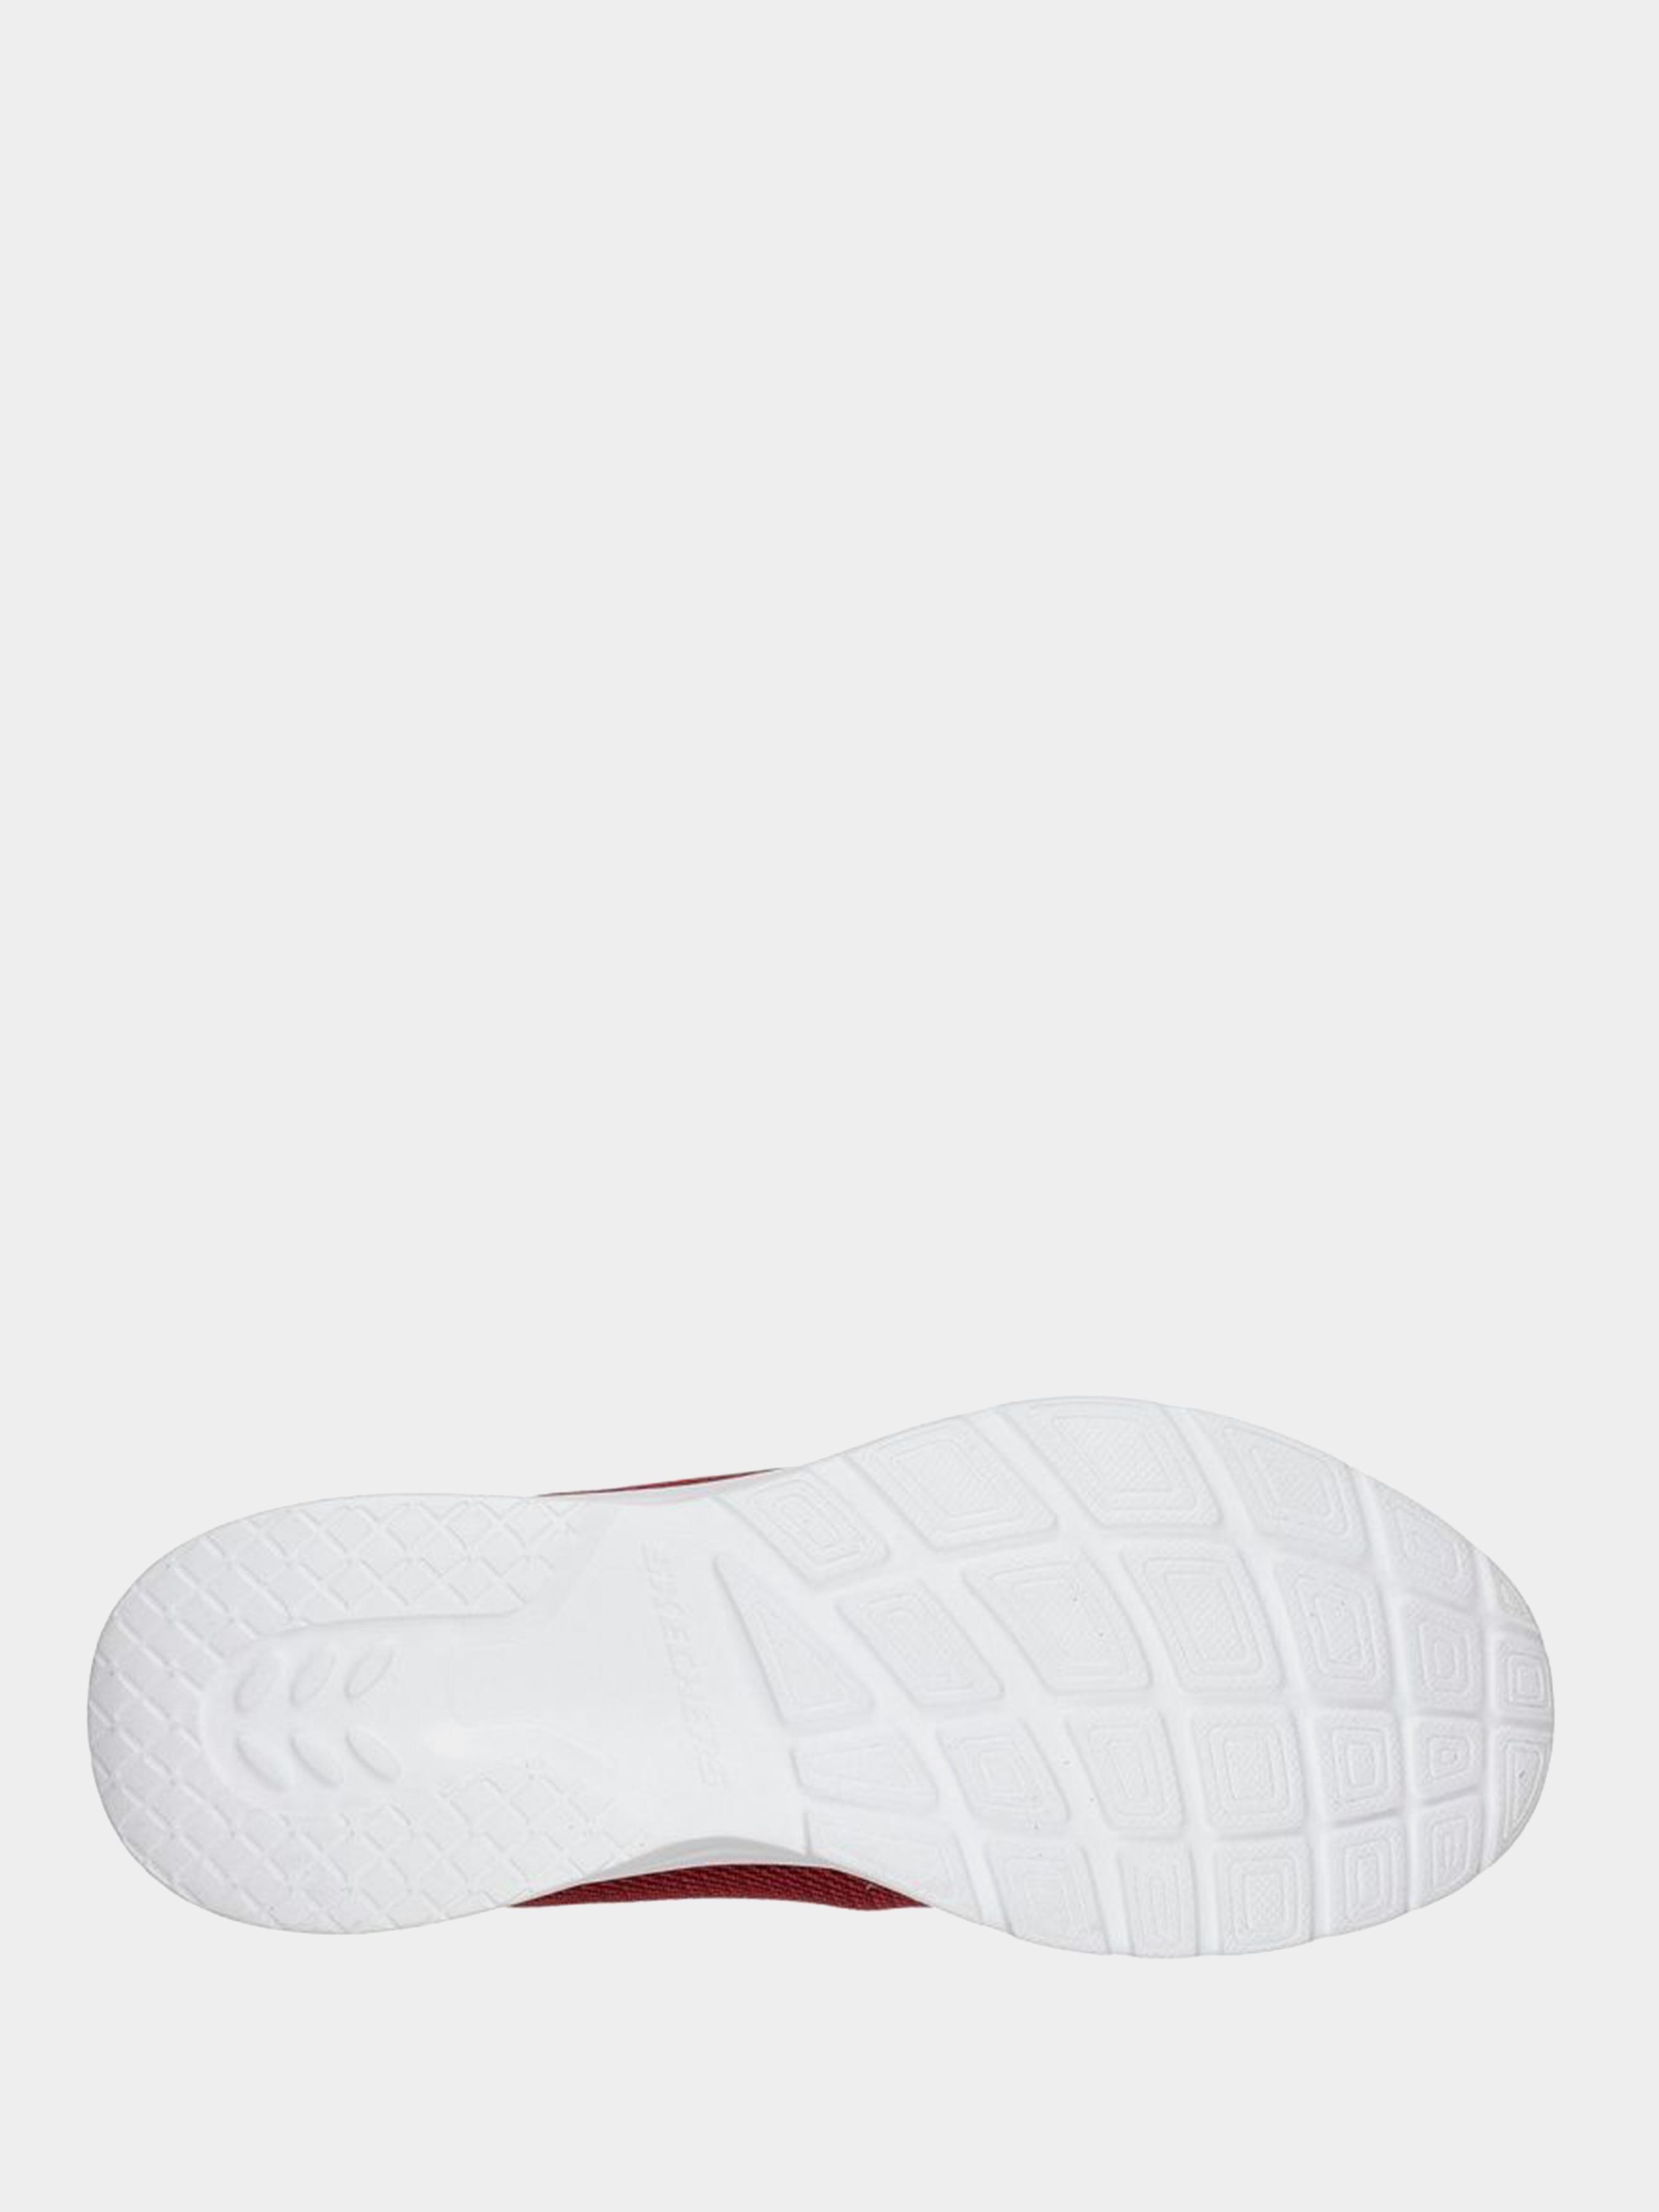 Кроссовки для мужчин Skechers KM3160 модная обувь, 2017